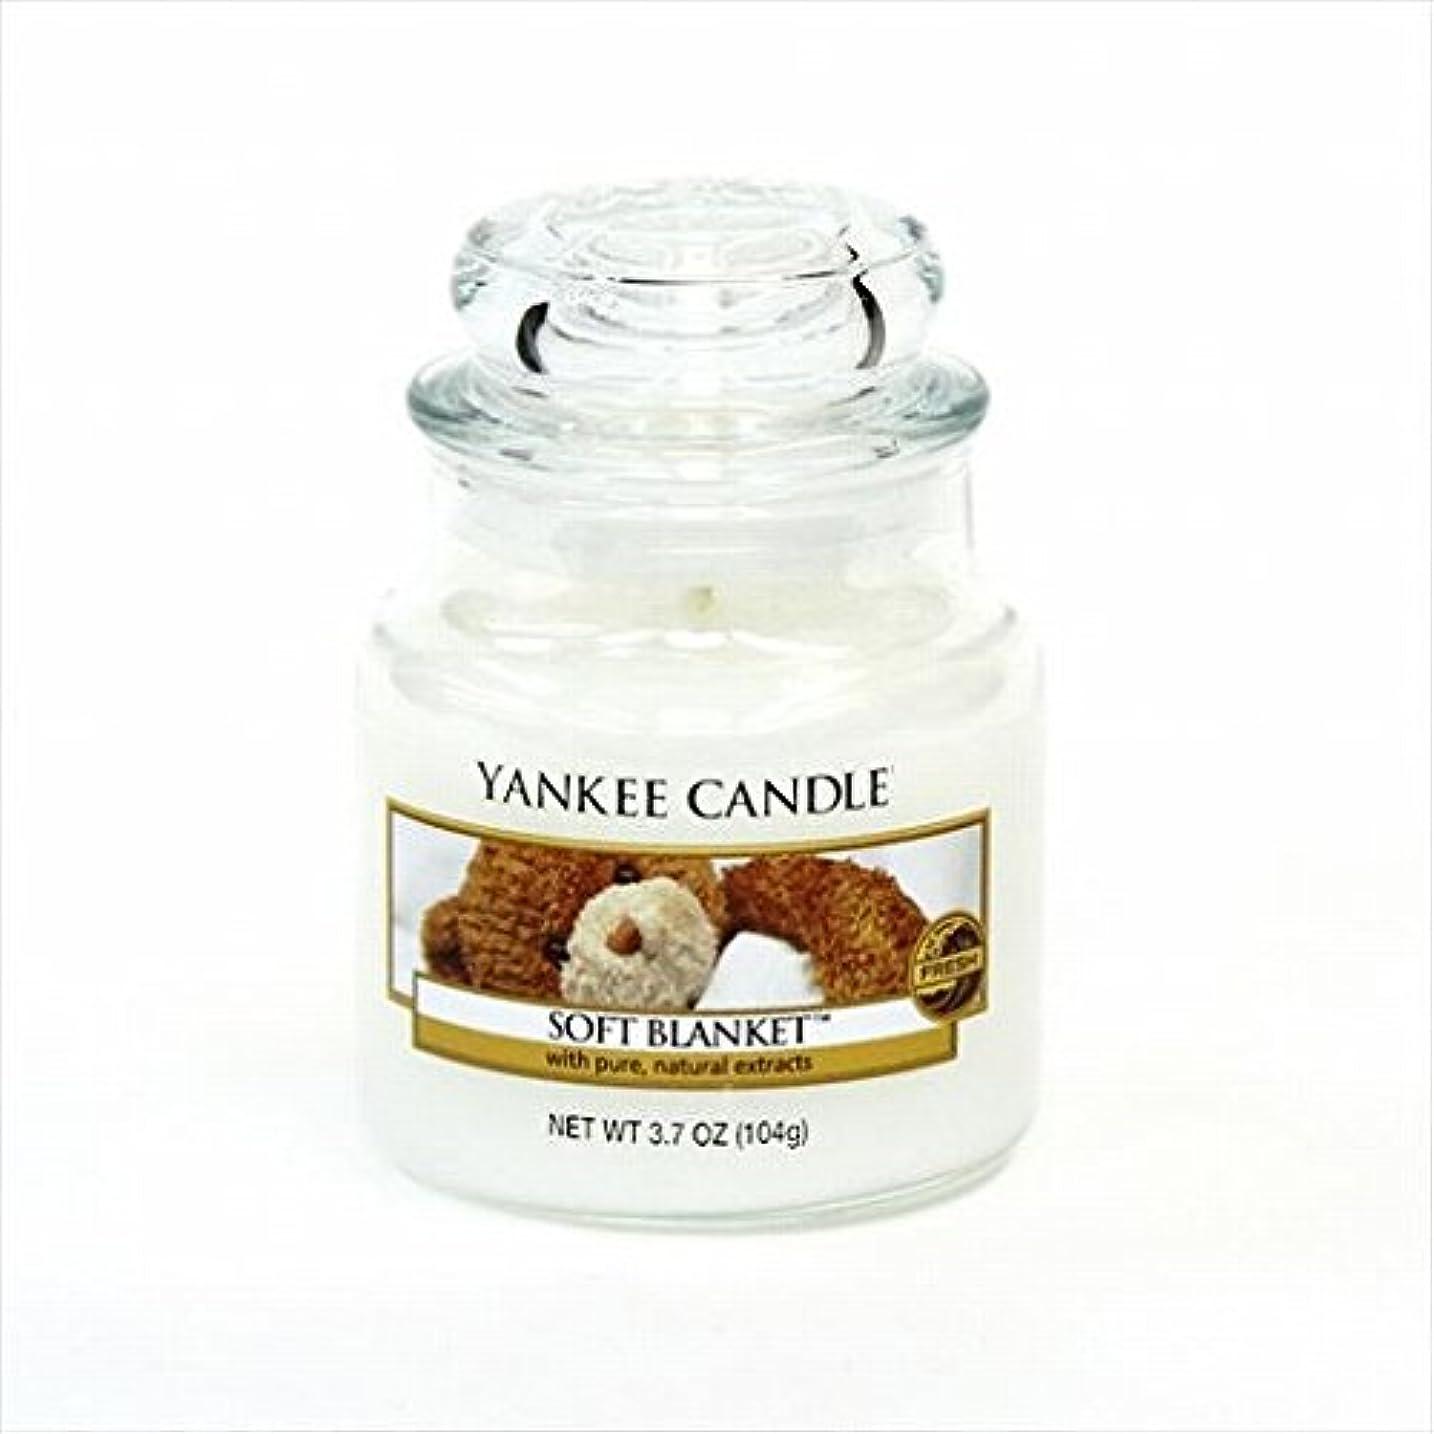 つかいますハント邪魔するカメヤマキャンドル(kameyama candle) YANKEE CANDLE ジャーS 「 ソフトブランケット 」